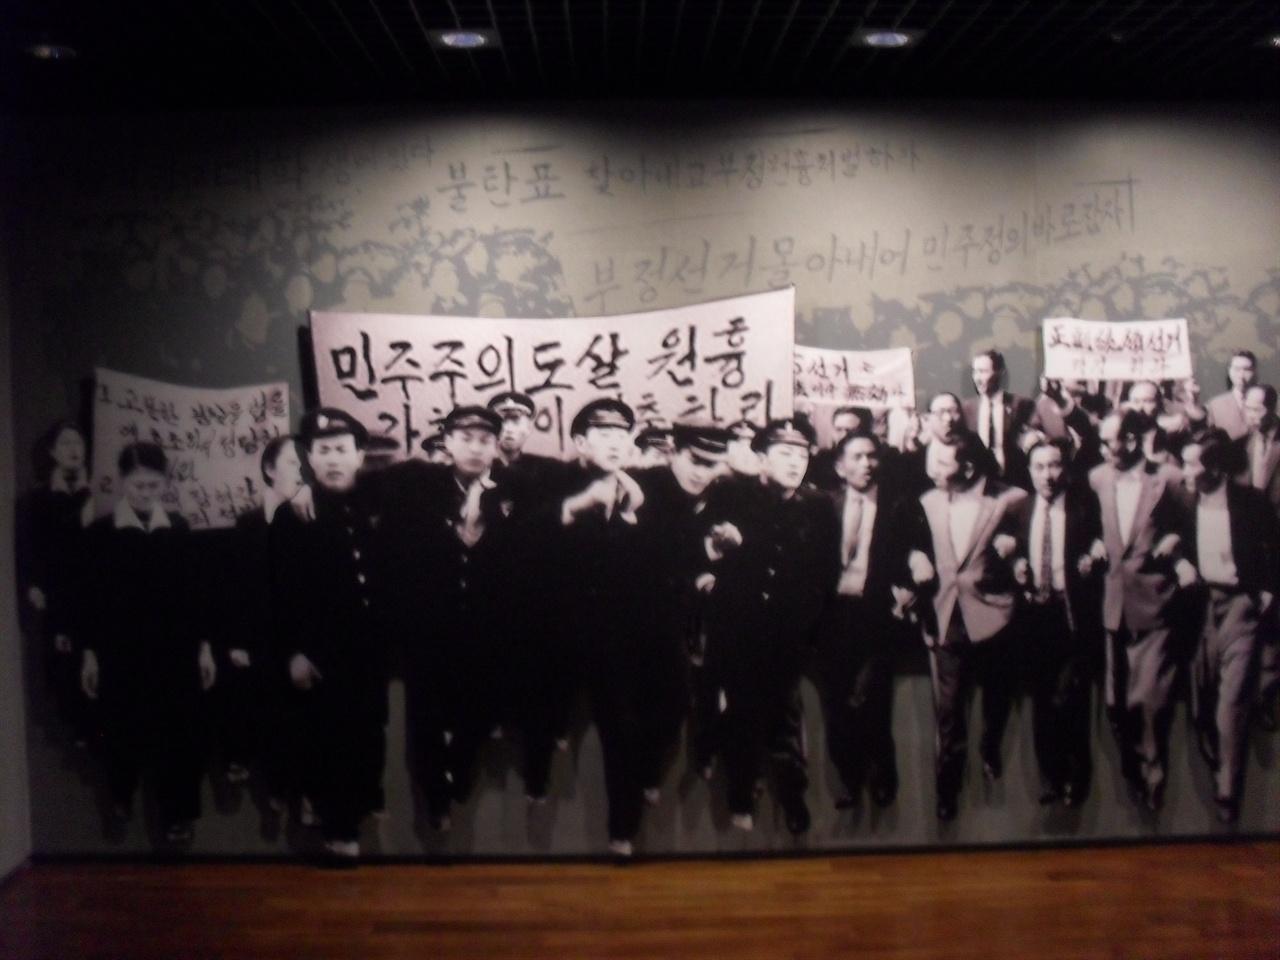 4·19 혁명. 서울 광화문광장 동편의 대한민국역사박물관에서 찍은 사진.